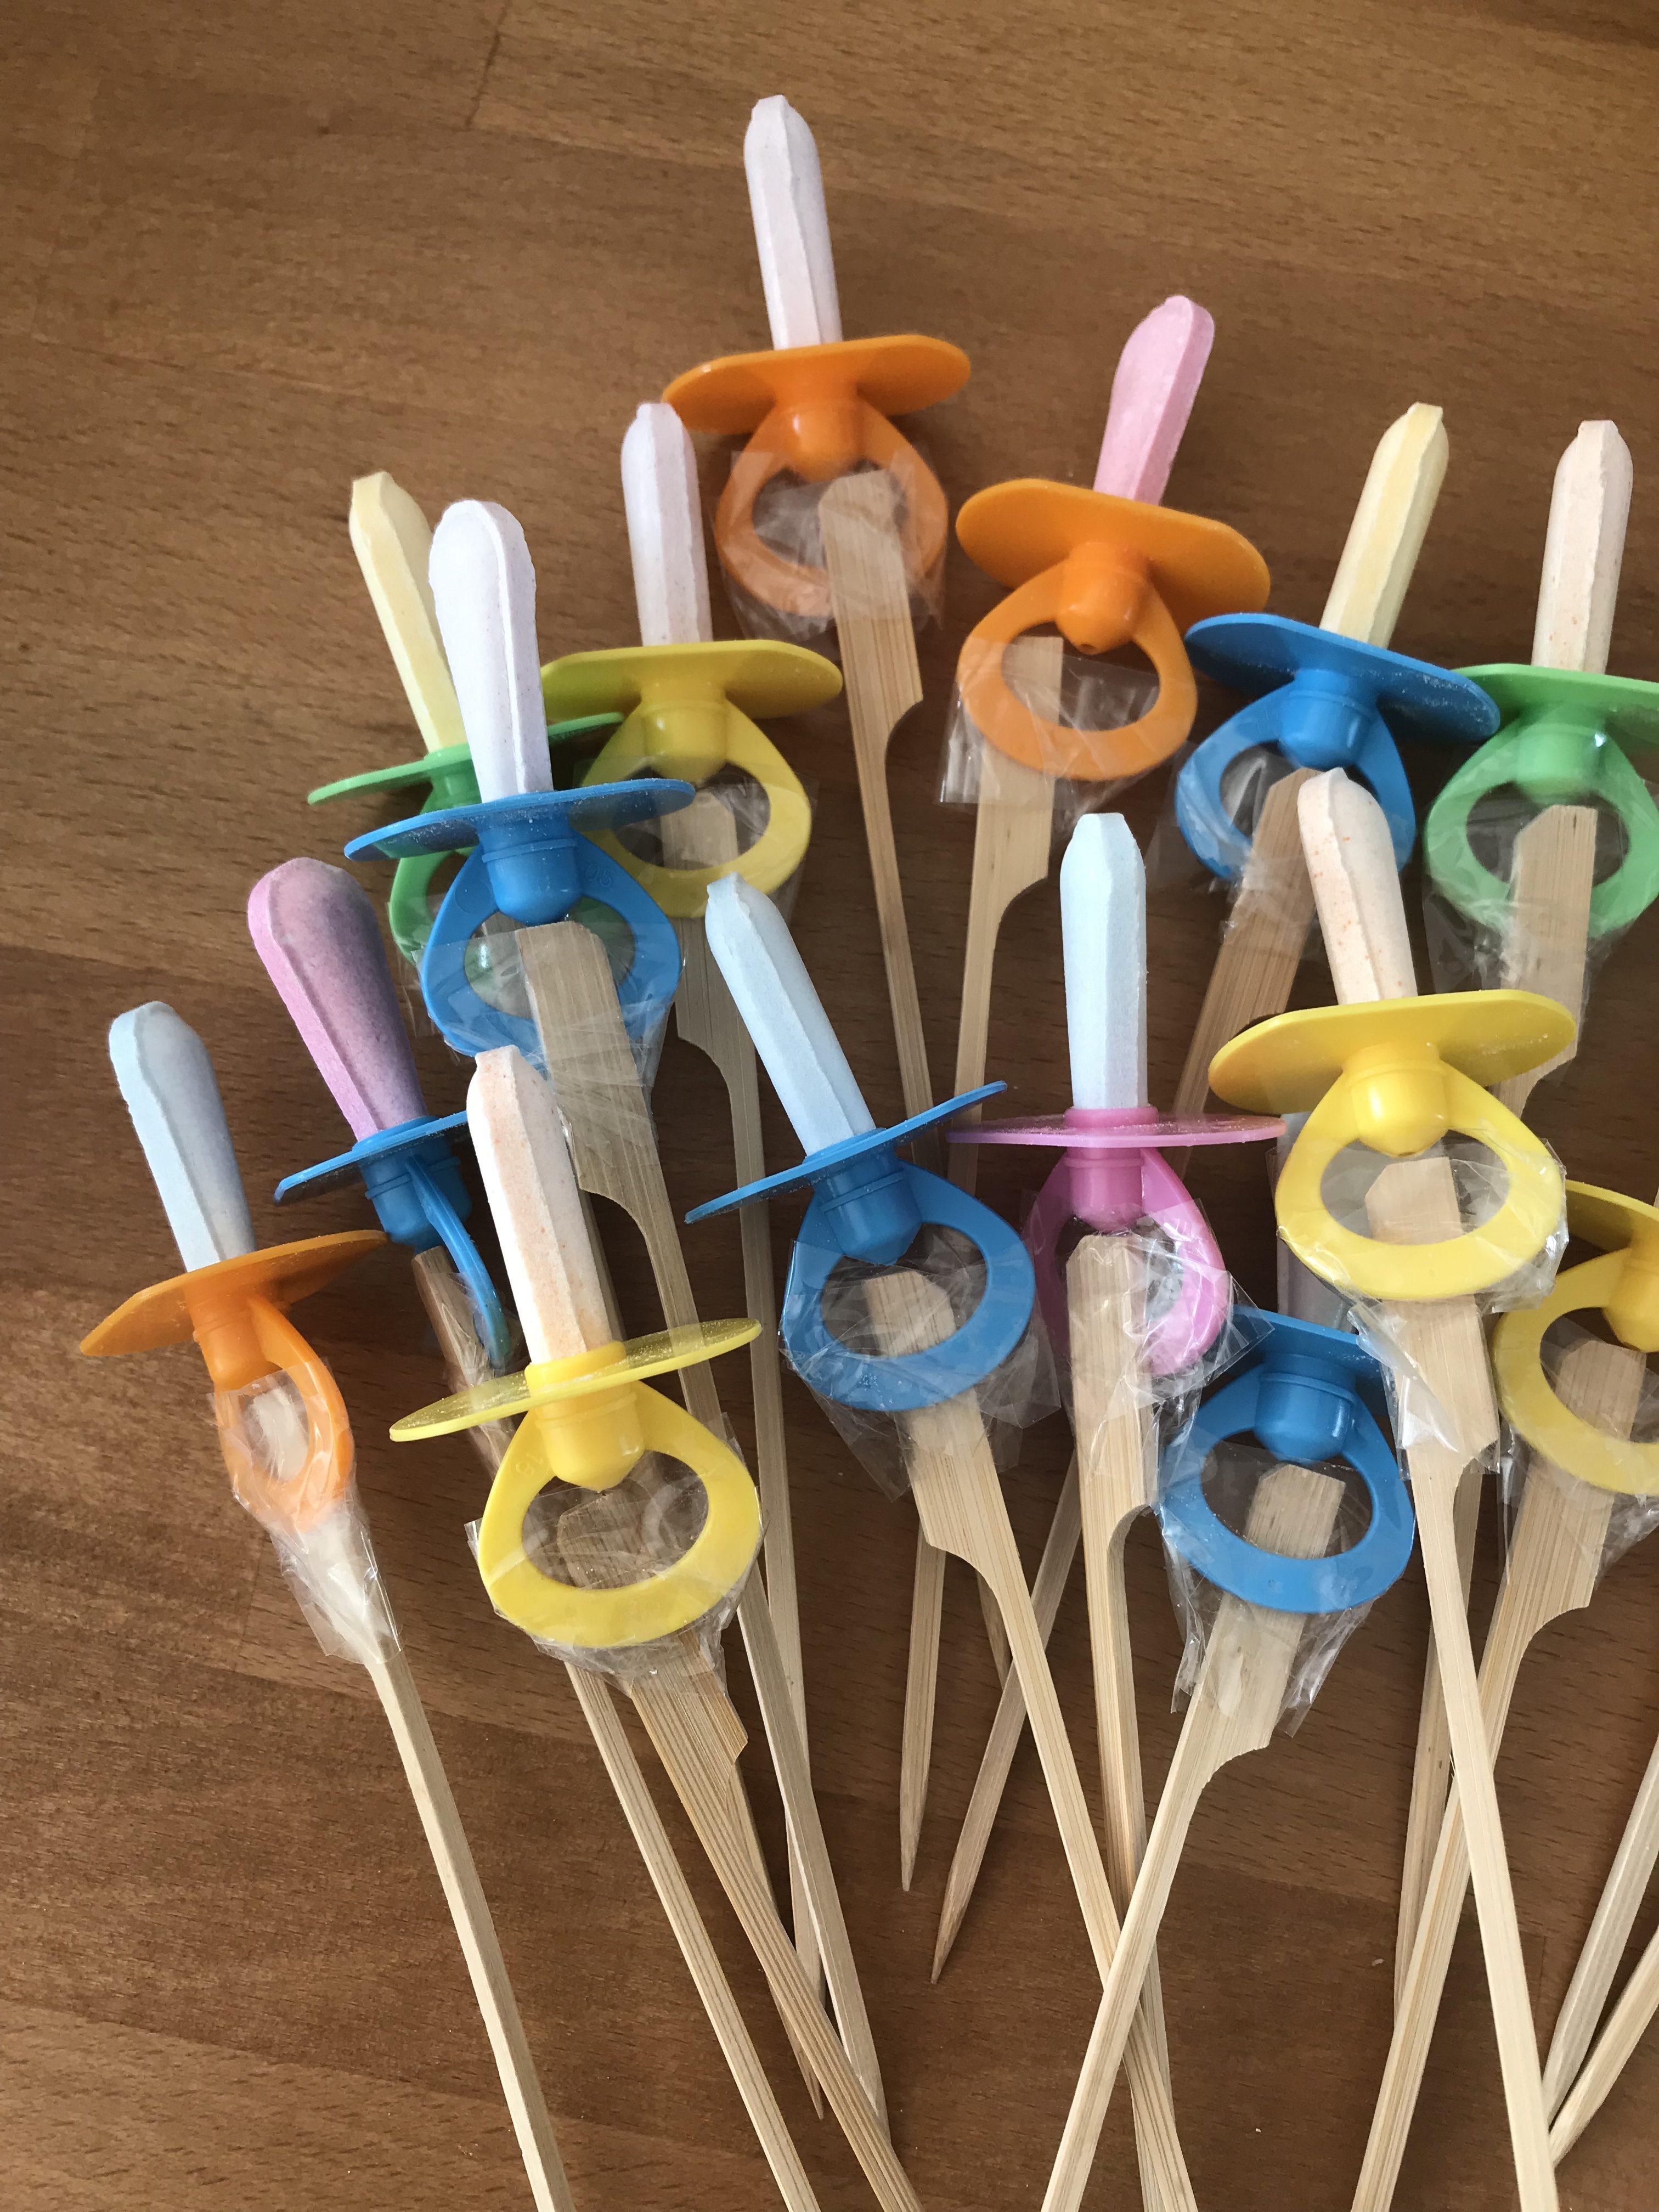 17 tétines pour fabriquer un bouquet surprise